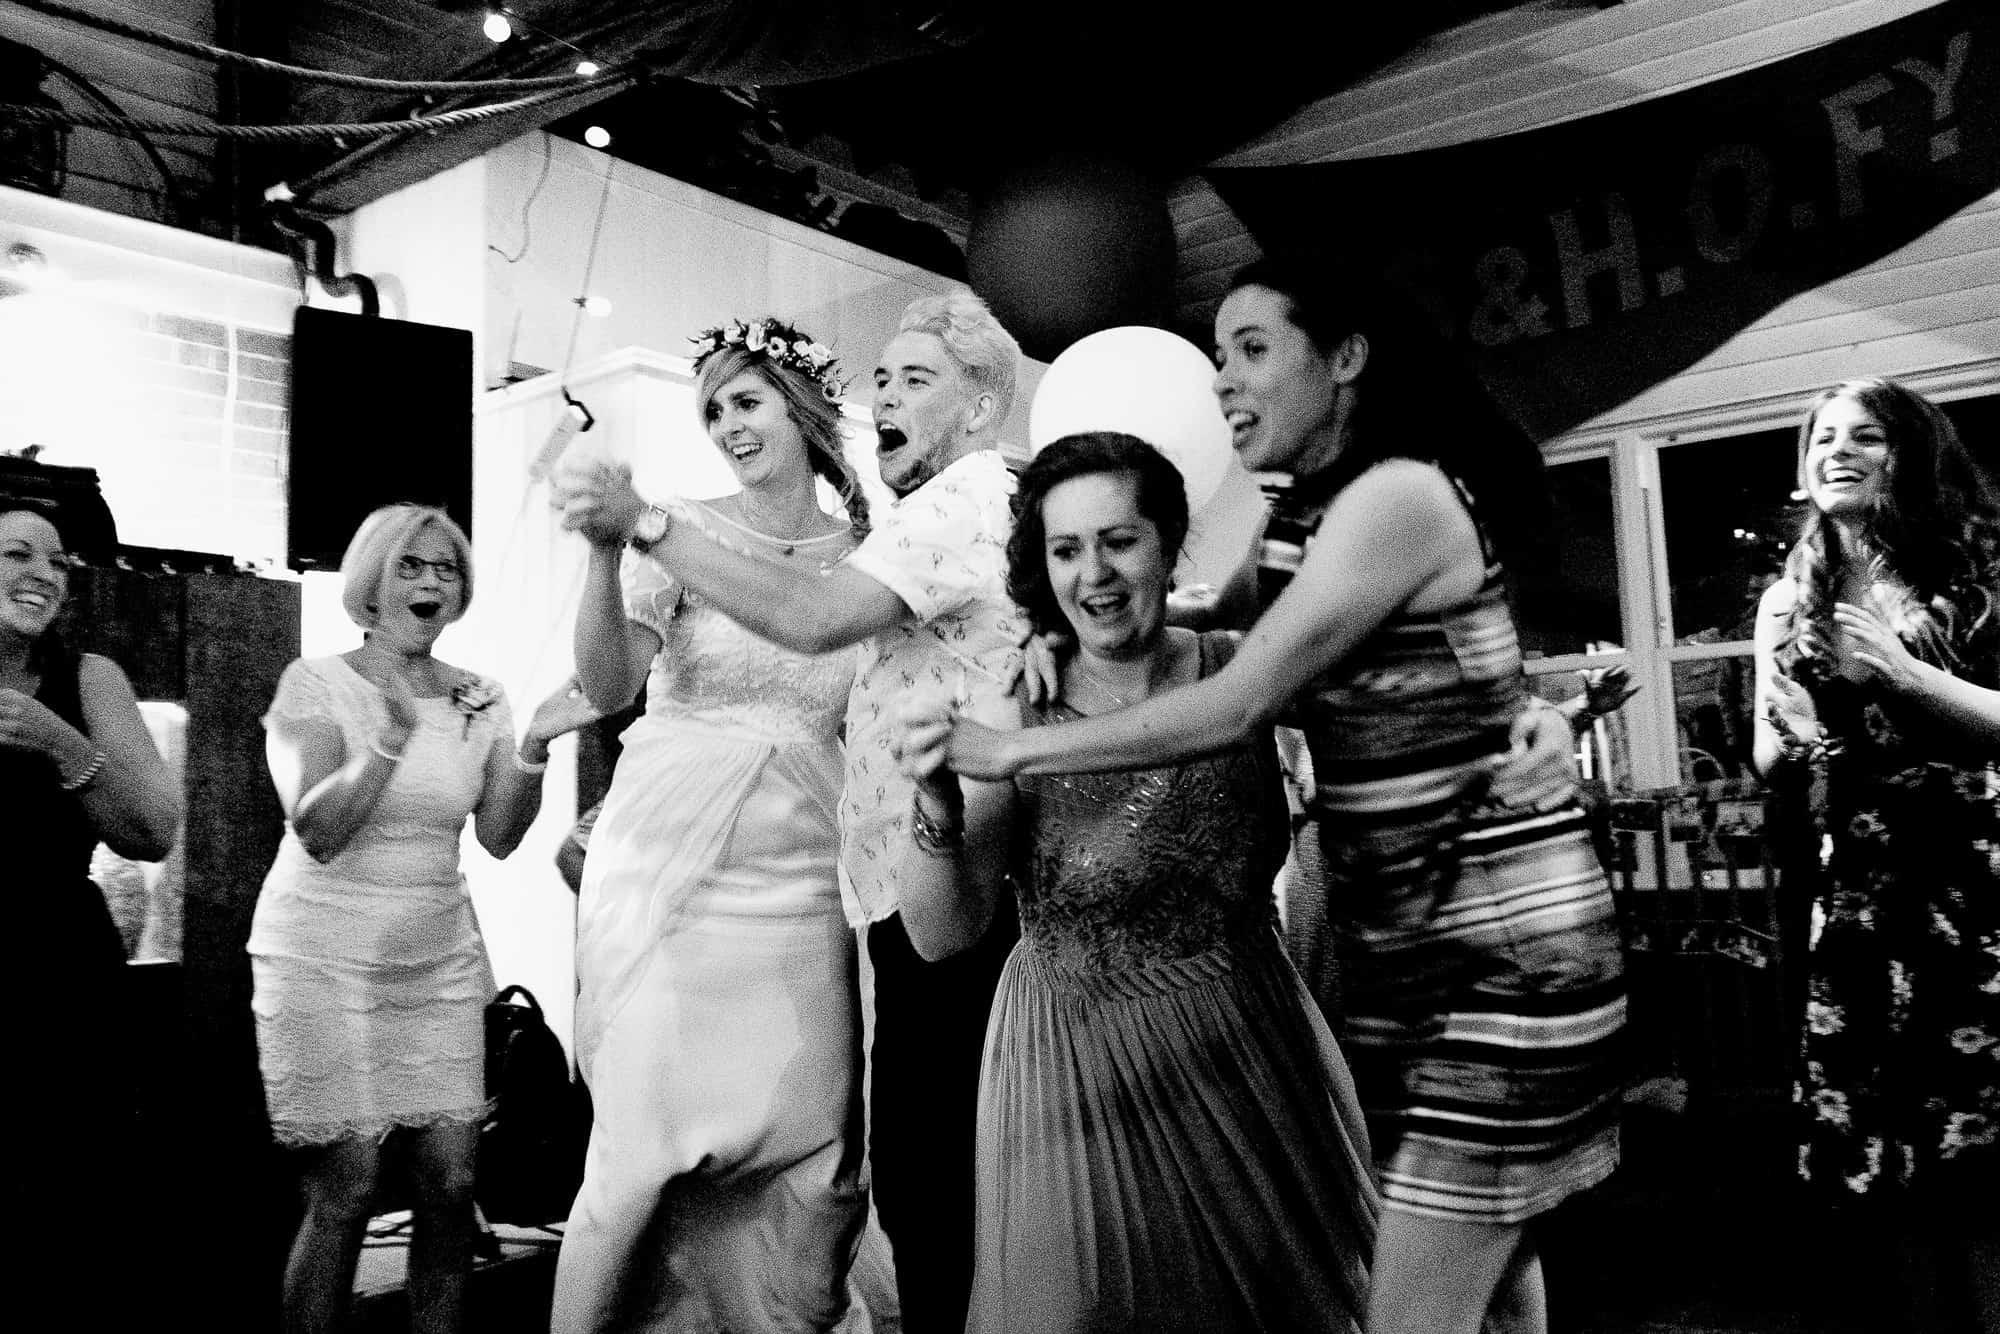 east-quay-wedding-photography-matt-tyler-0095